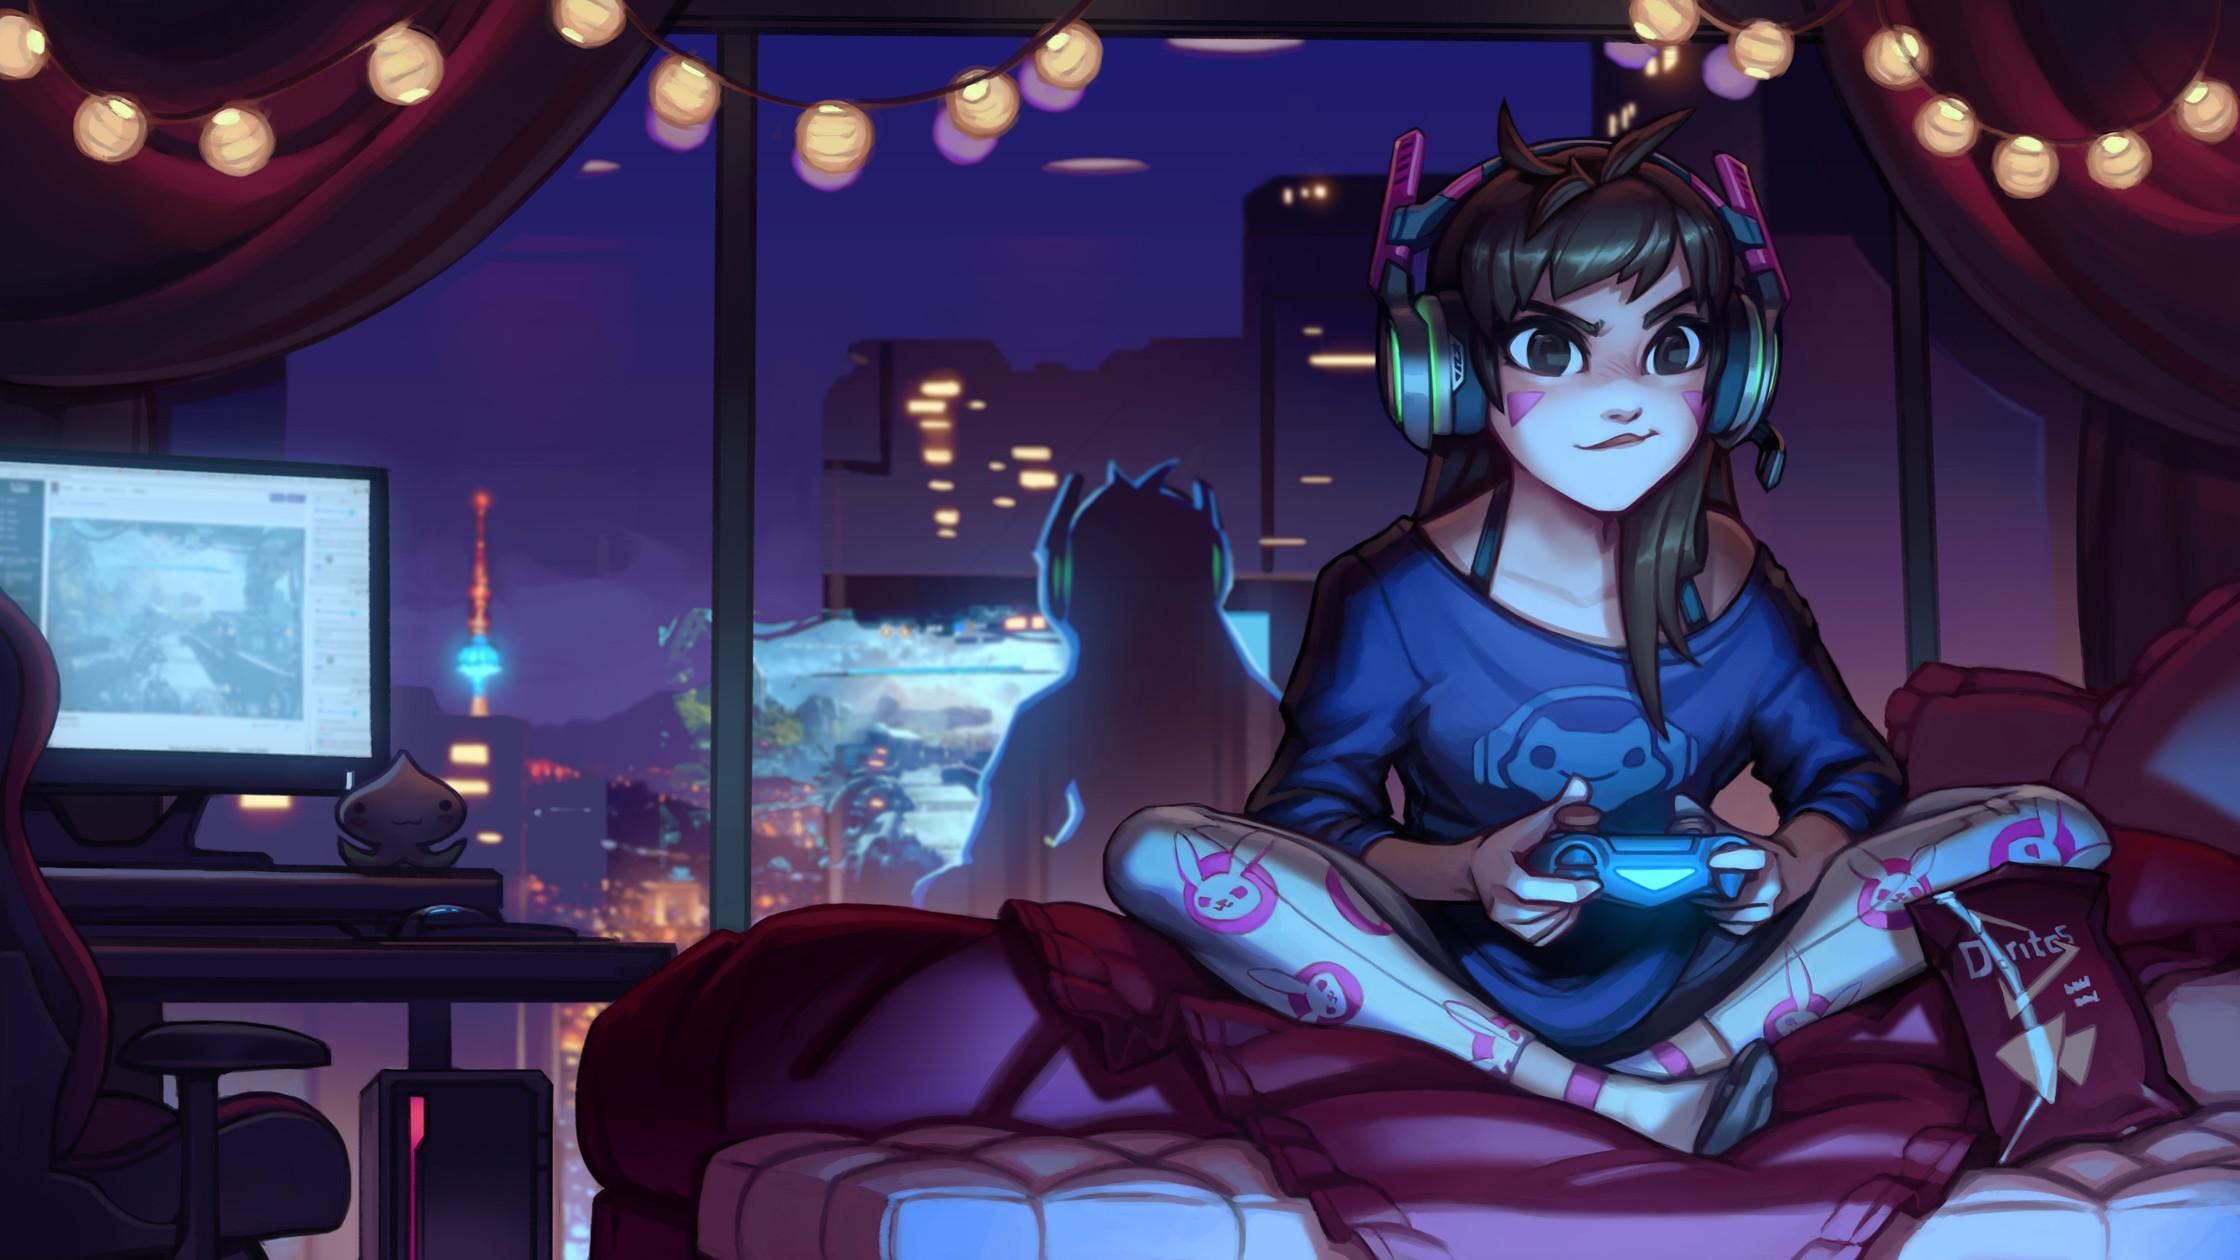 Anime Gamer Girl Wallpapers Wallpaper Cave